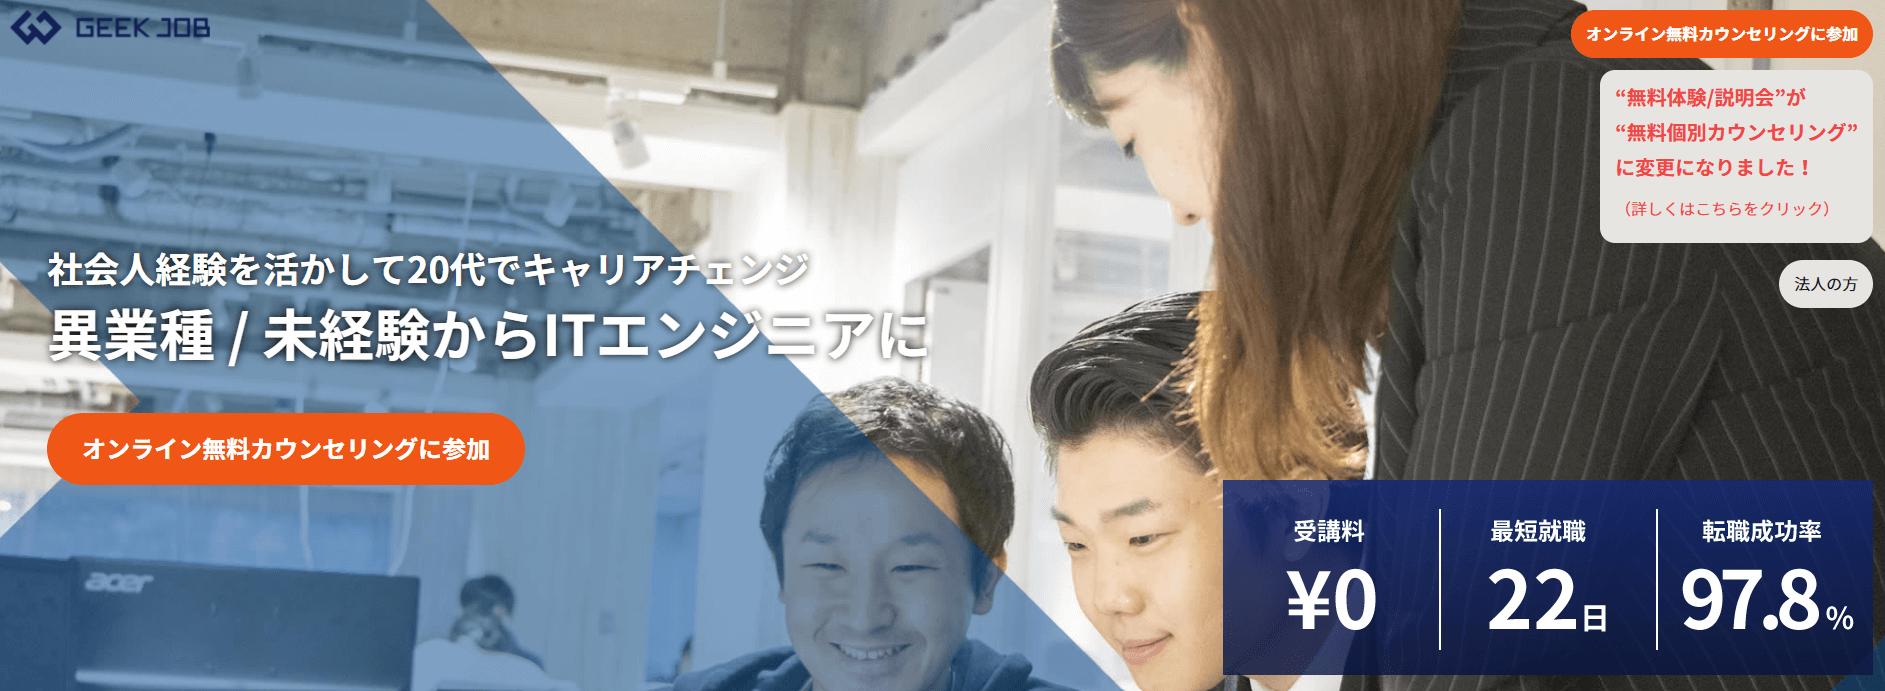 プログラミングスクール_おすすめ_社会人_geekjob